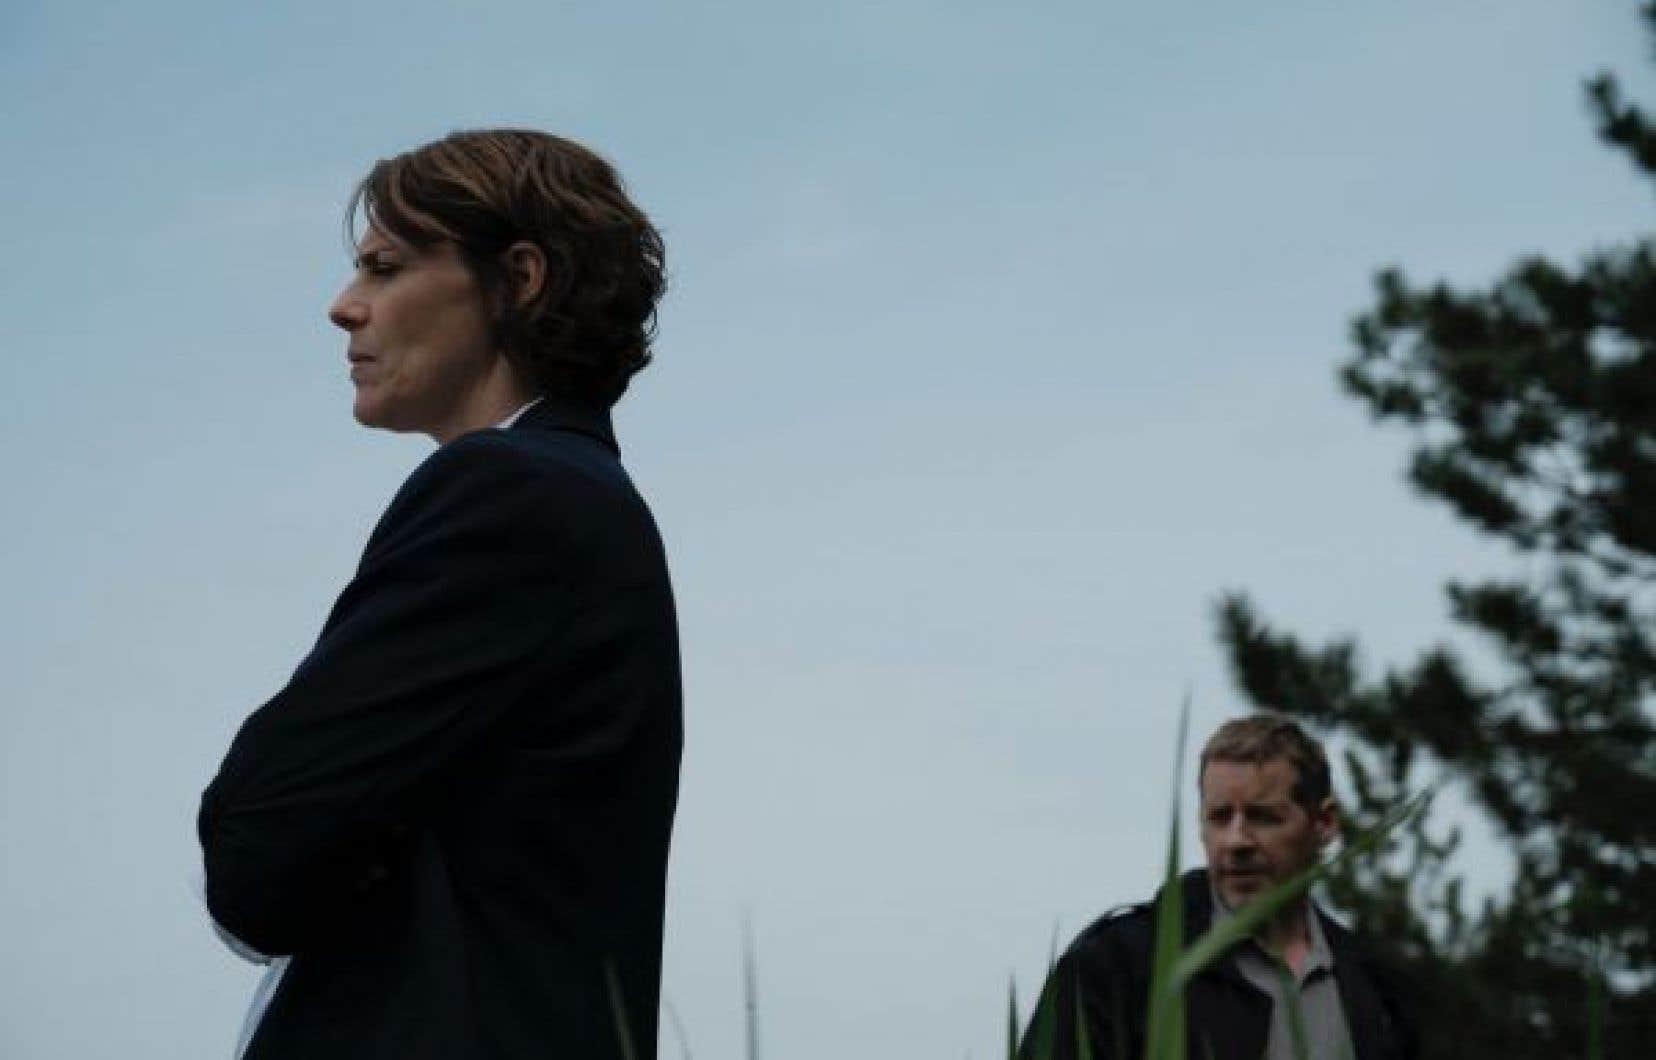 On suit le retour au bercail particulièrement éprouvant d'une policière (Hélène Florent) encore traumatisée par une bavure policière aux conséquences dramatiques.